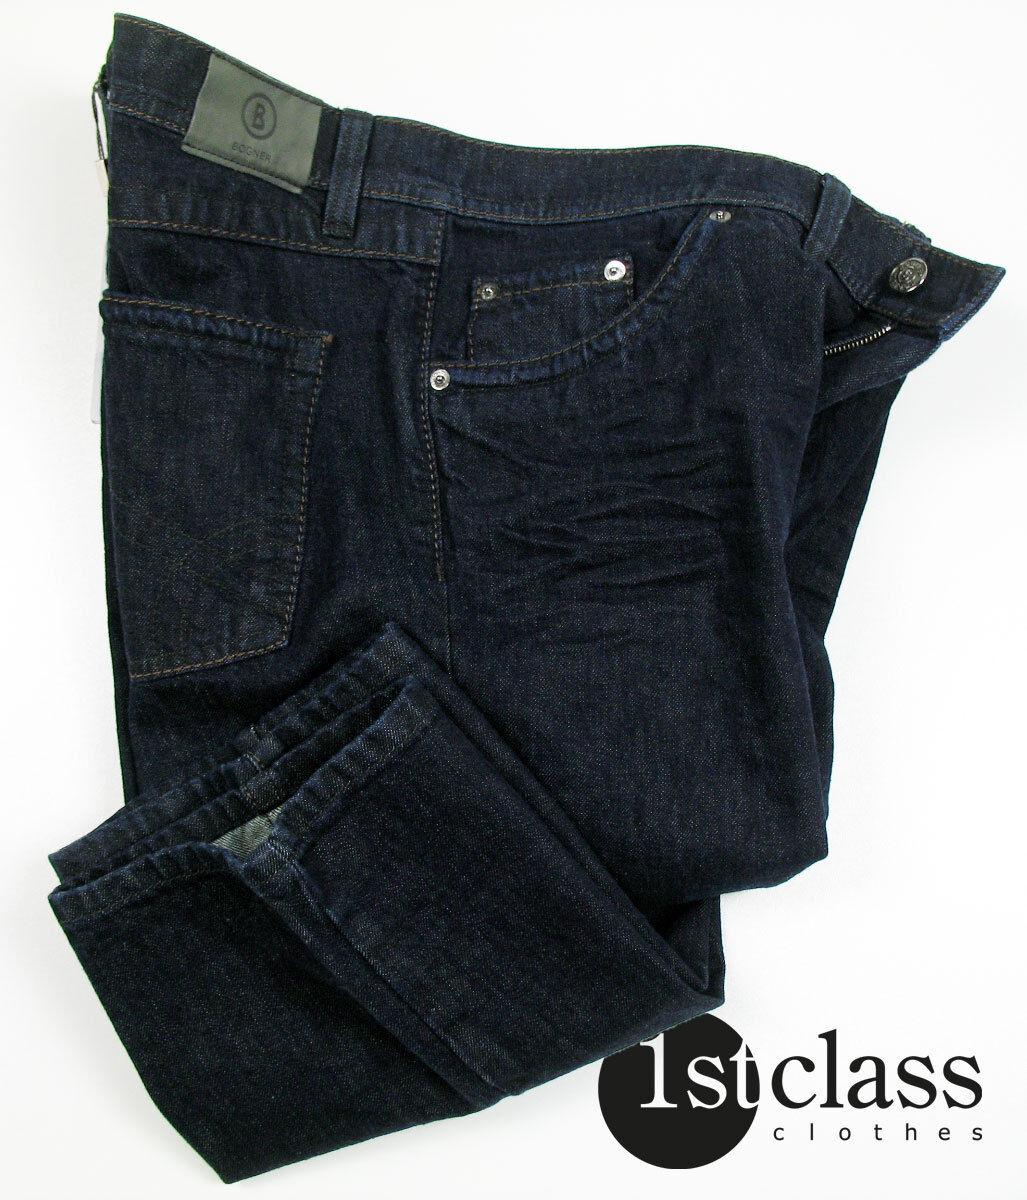 BOGNER Jeans VEGA-G1 in 40 34 110 dark bluee from strong Denim